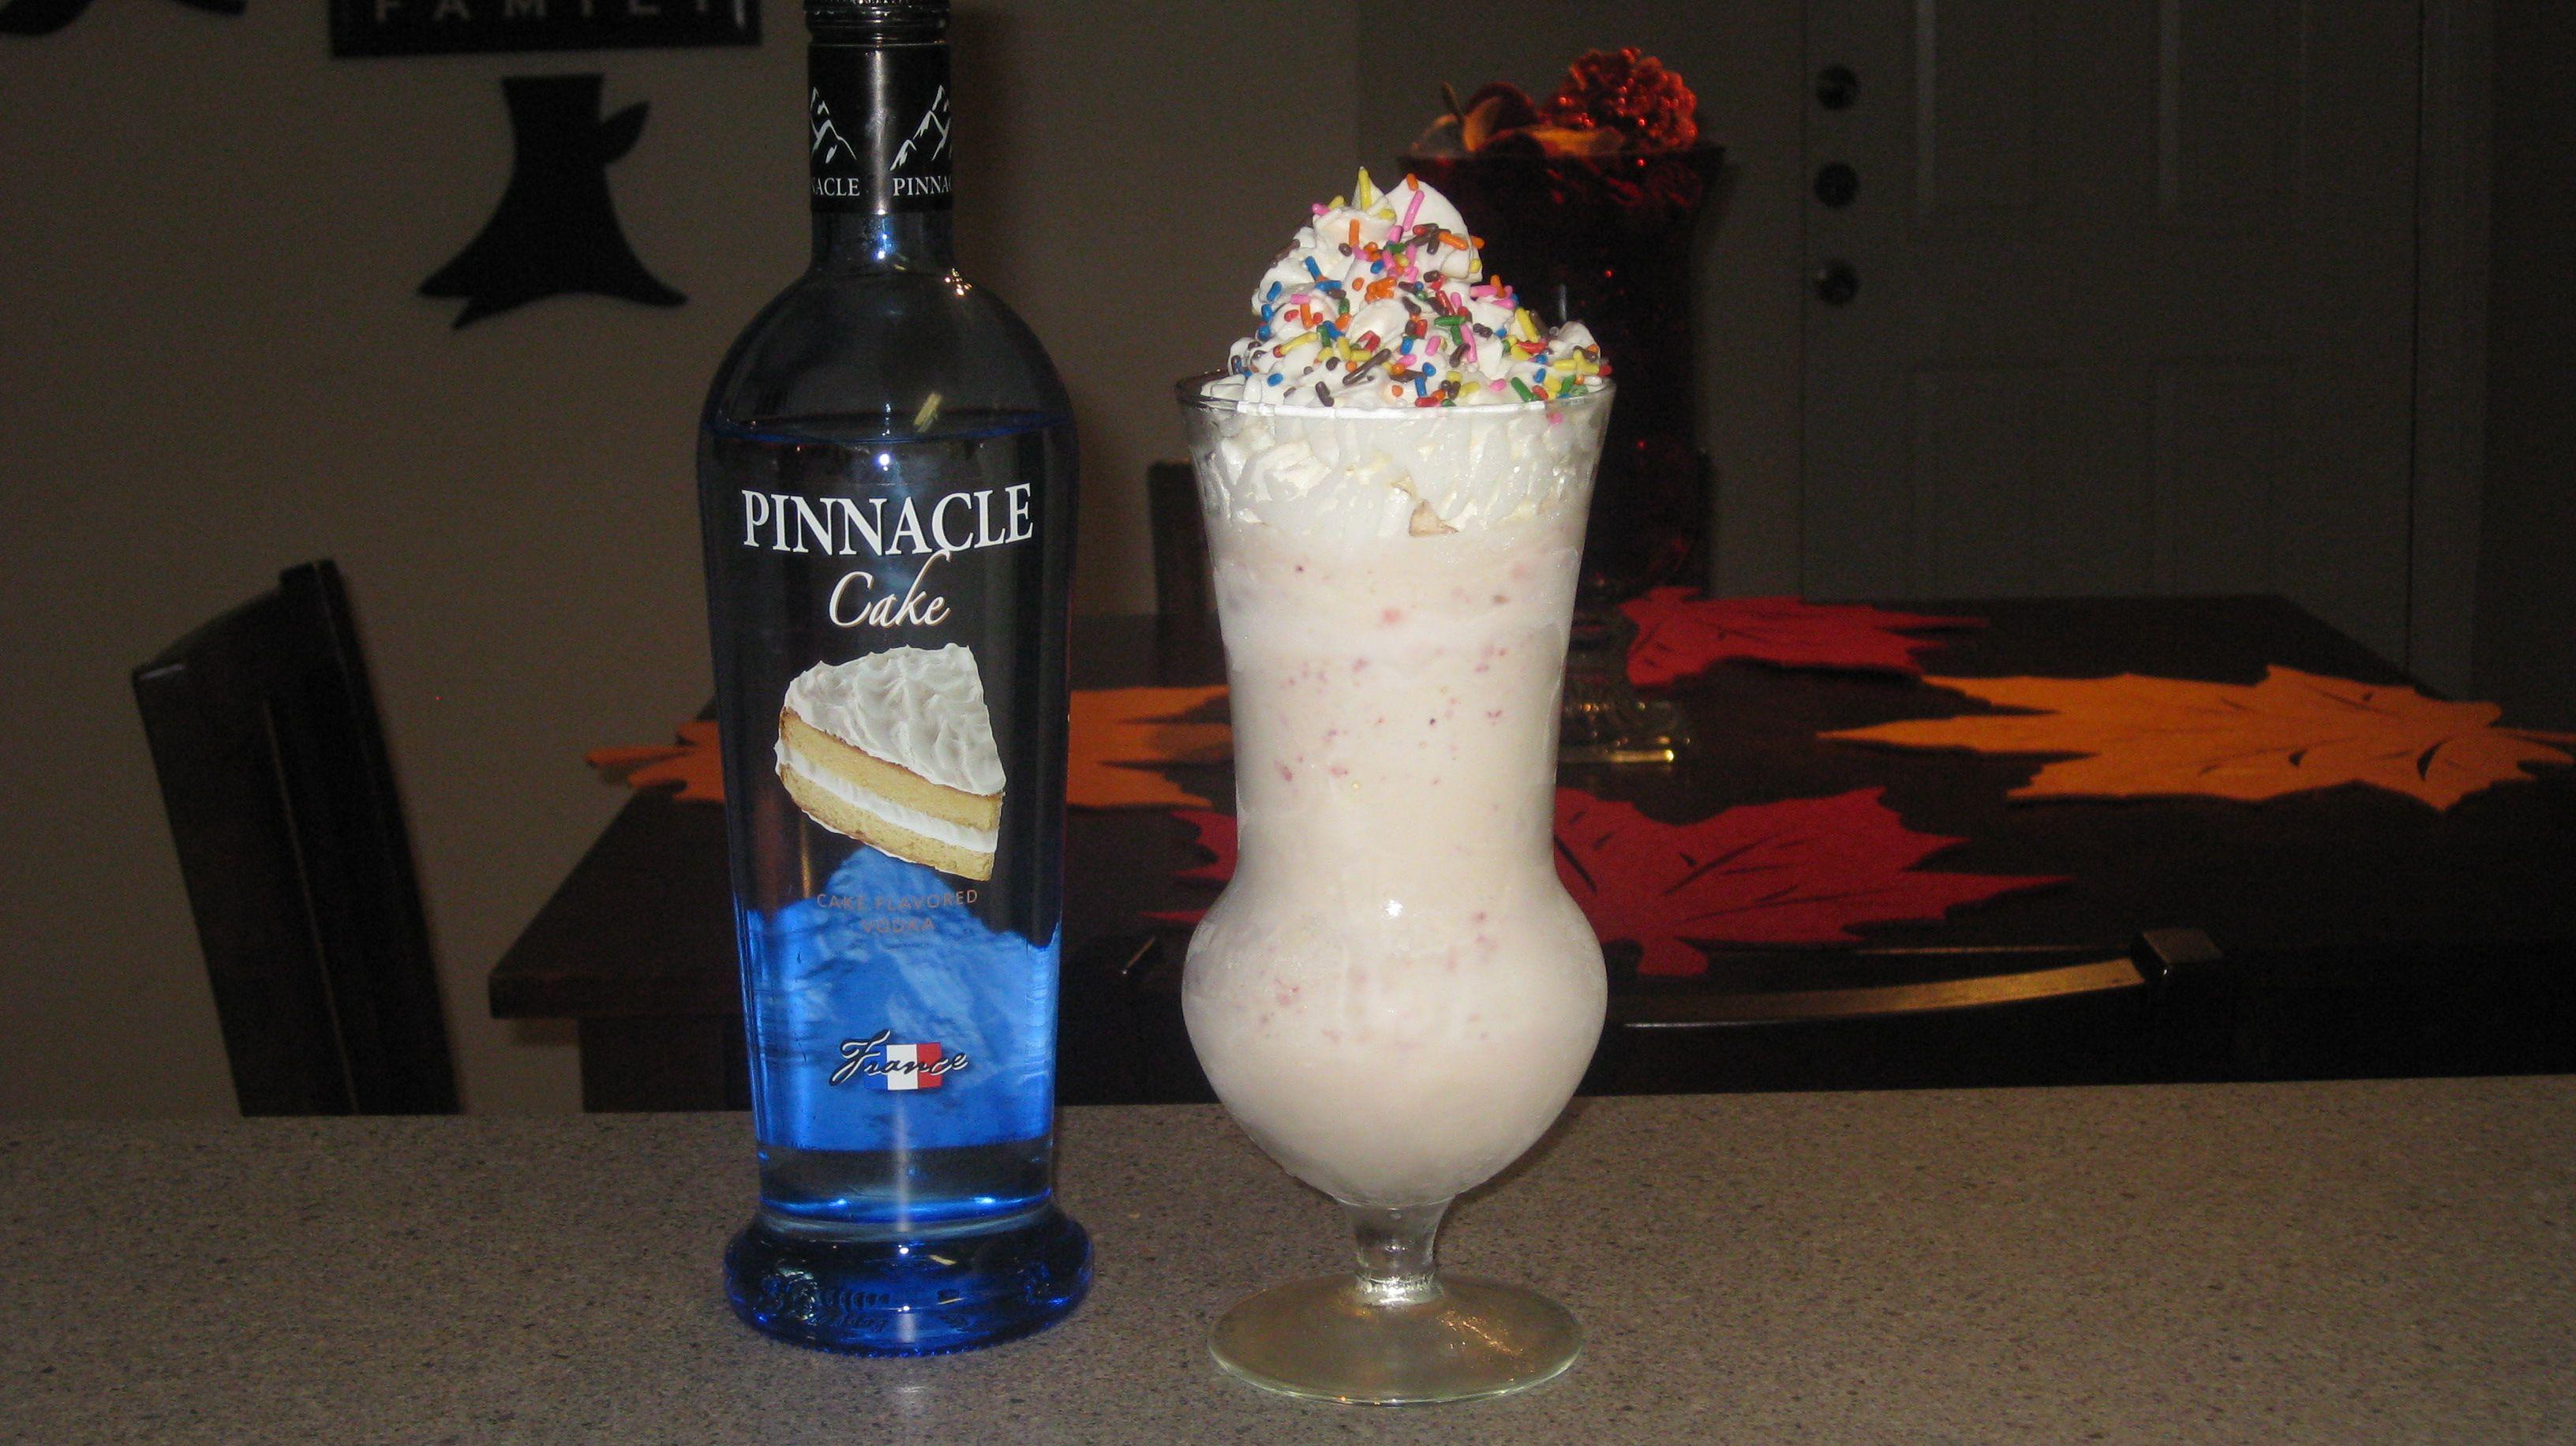 Spiked Milkshake 3 oz Pinnacle Cake Vodka 5 Strawberries 8 scoops